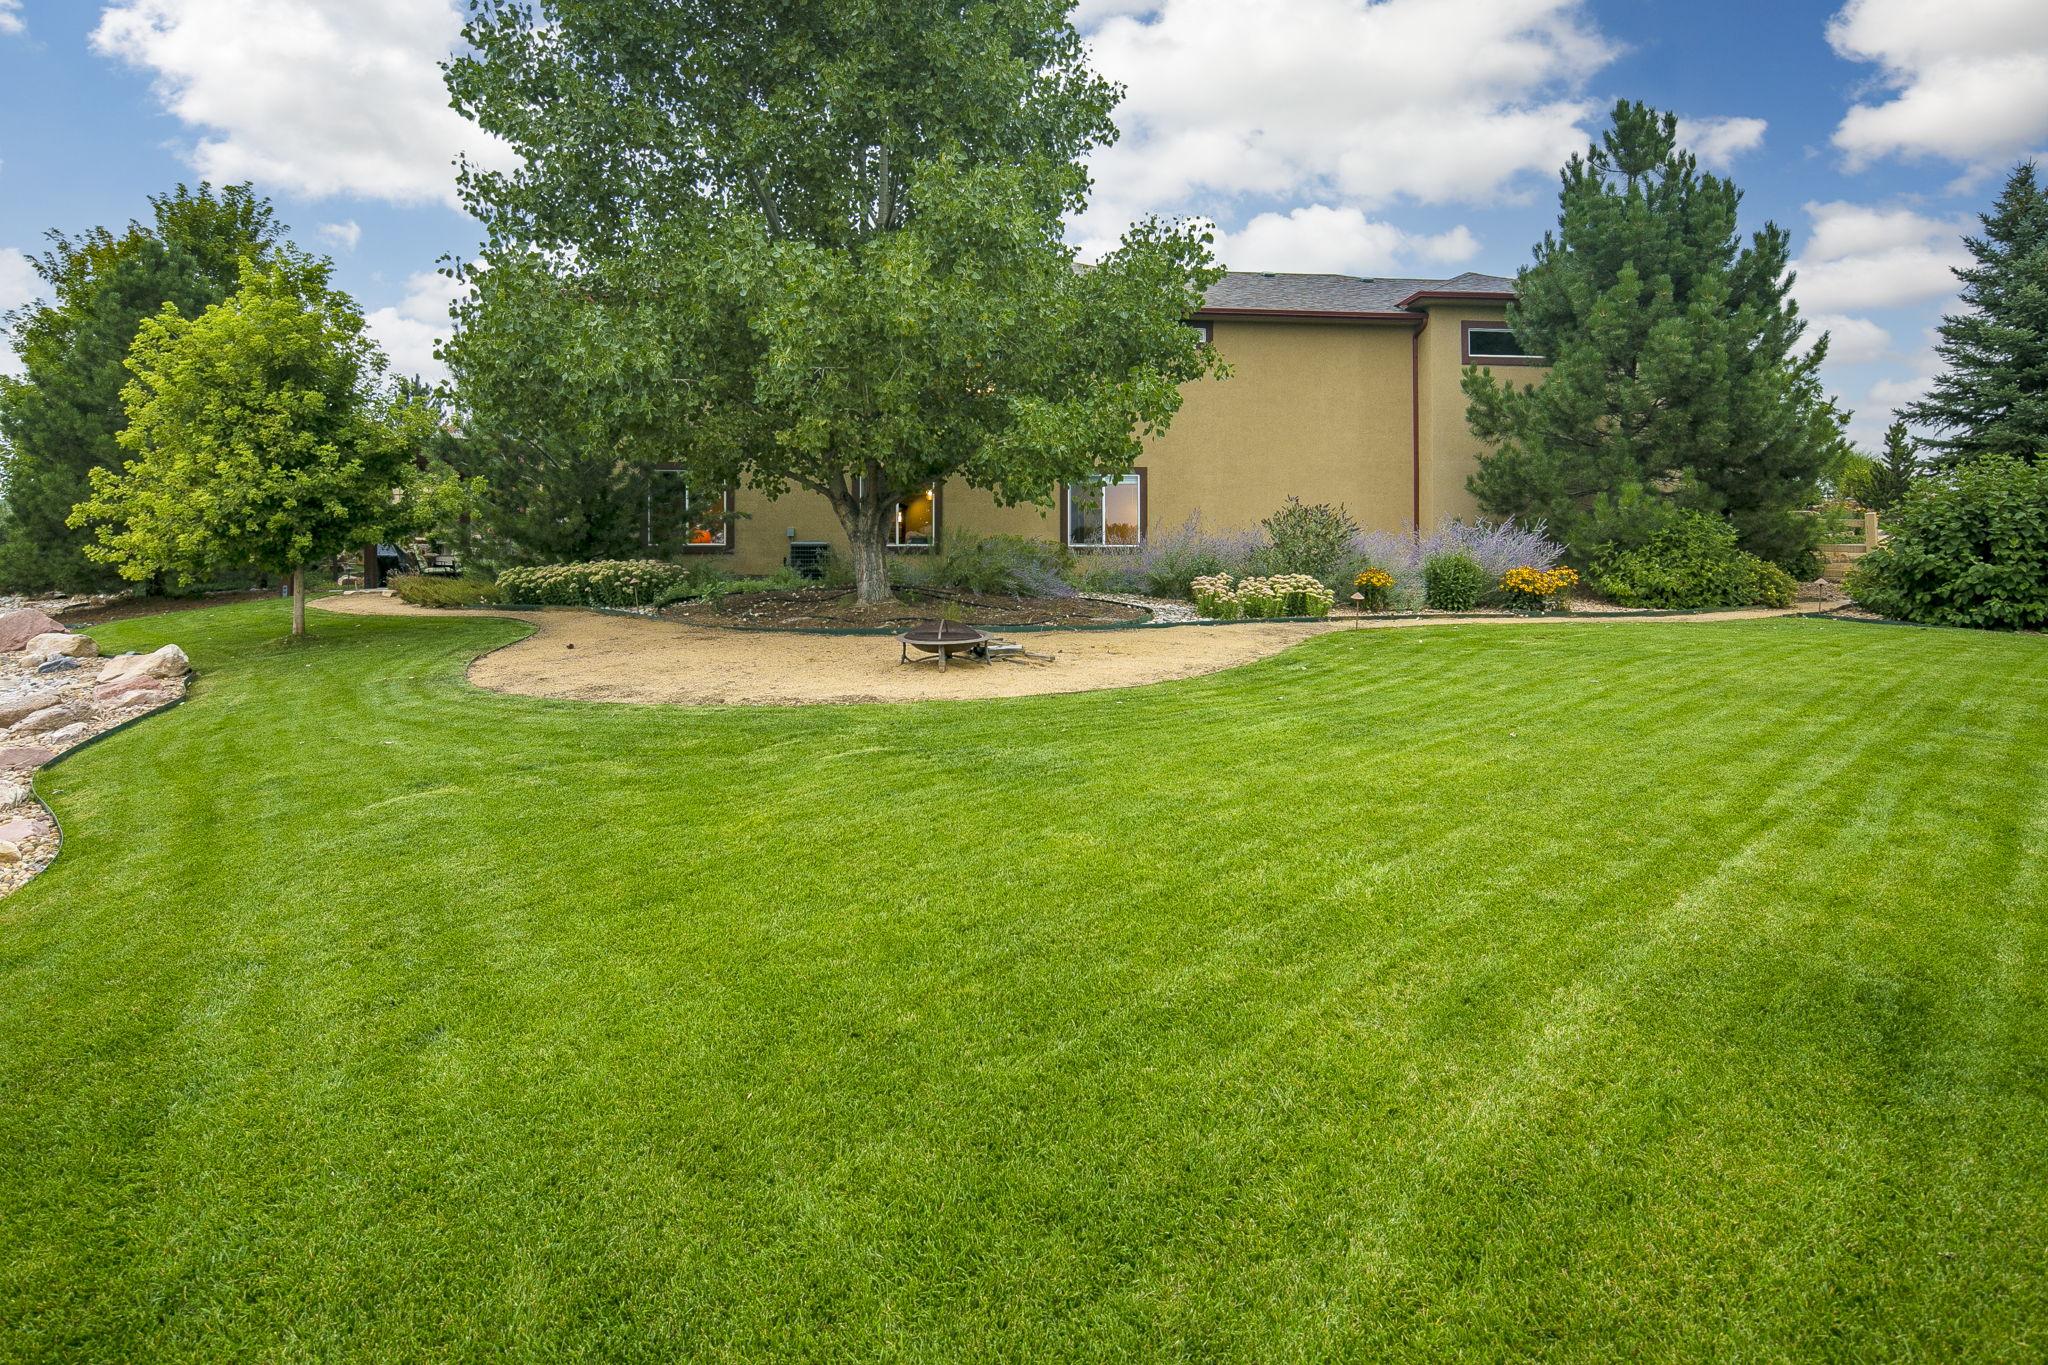 1103 Honholtz Dr, Fort Collins, CO 80525, USA Photo 42